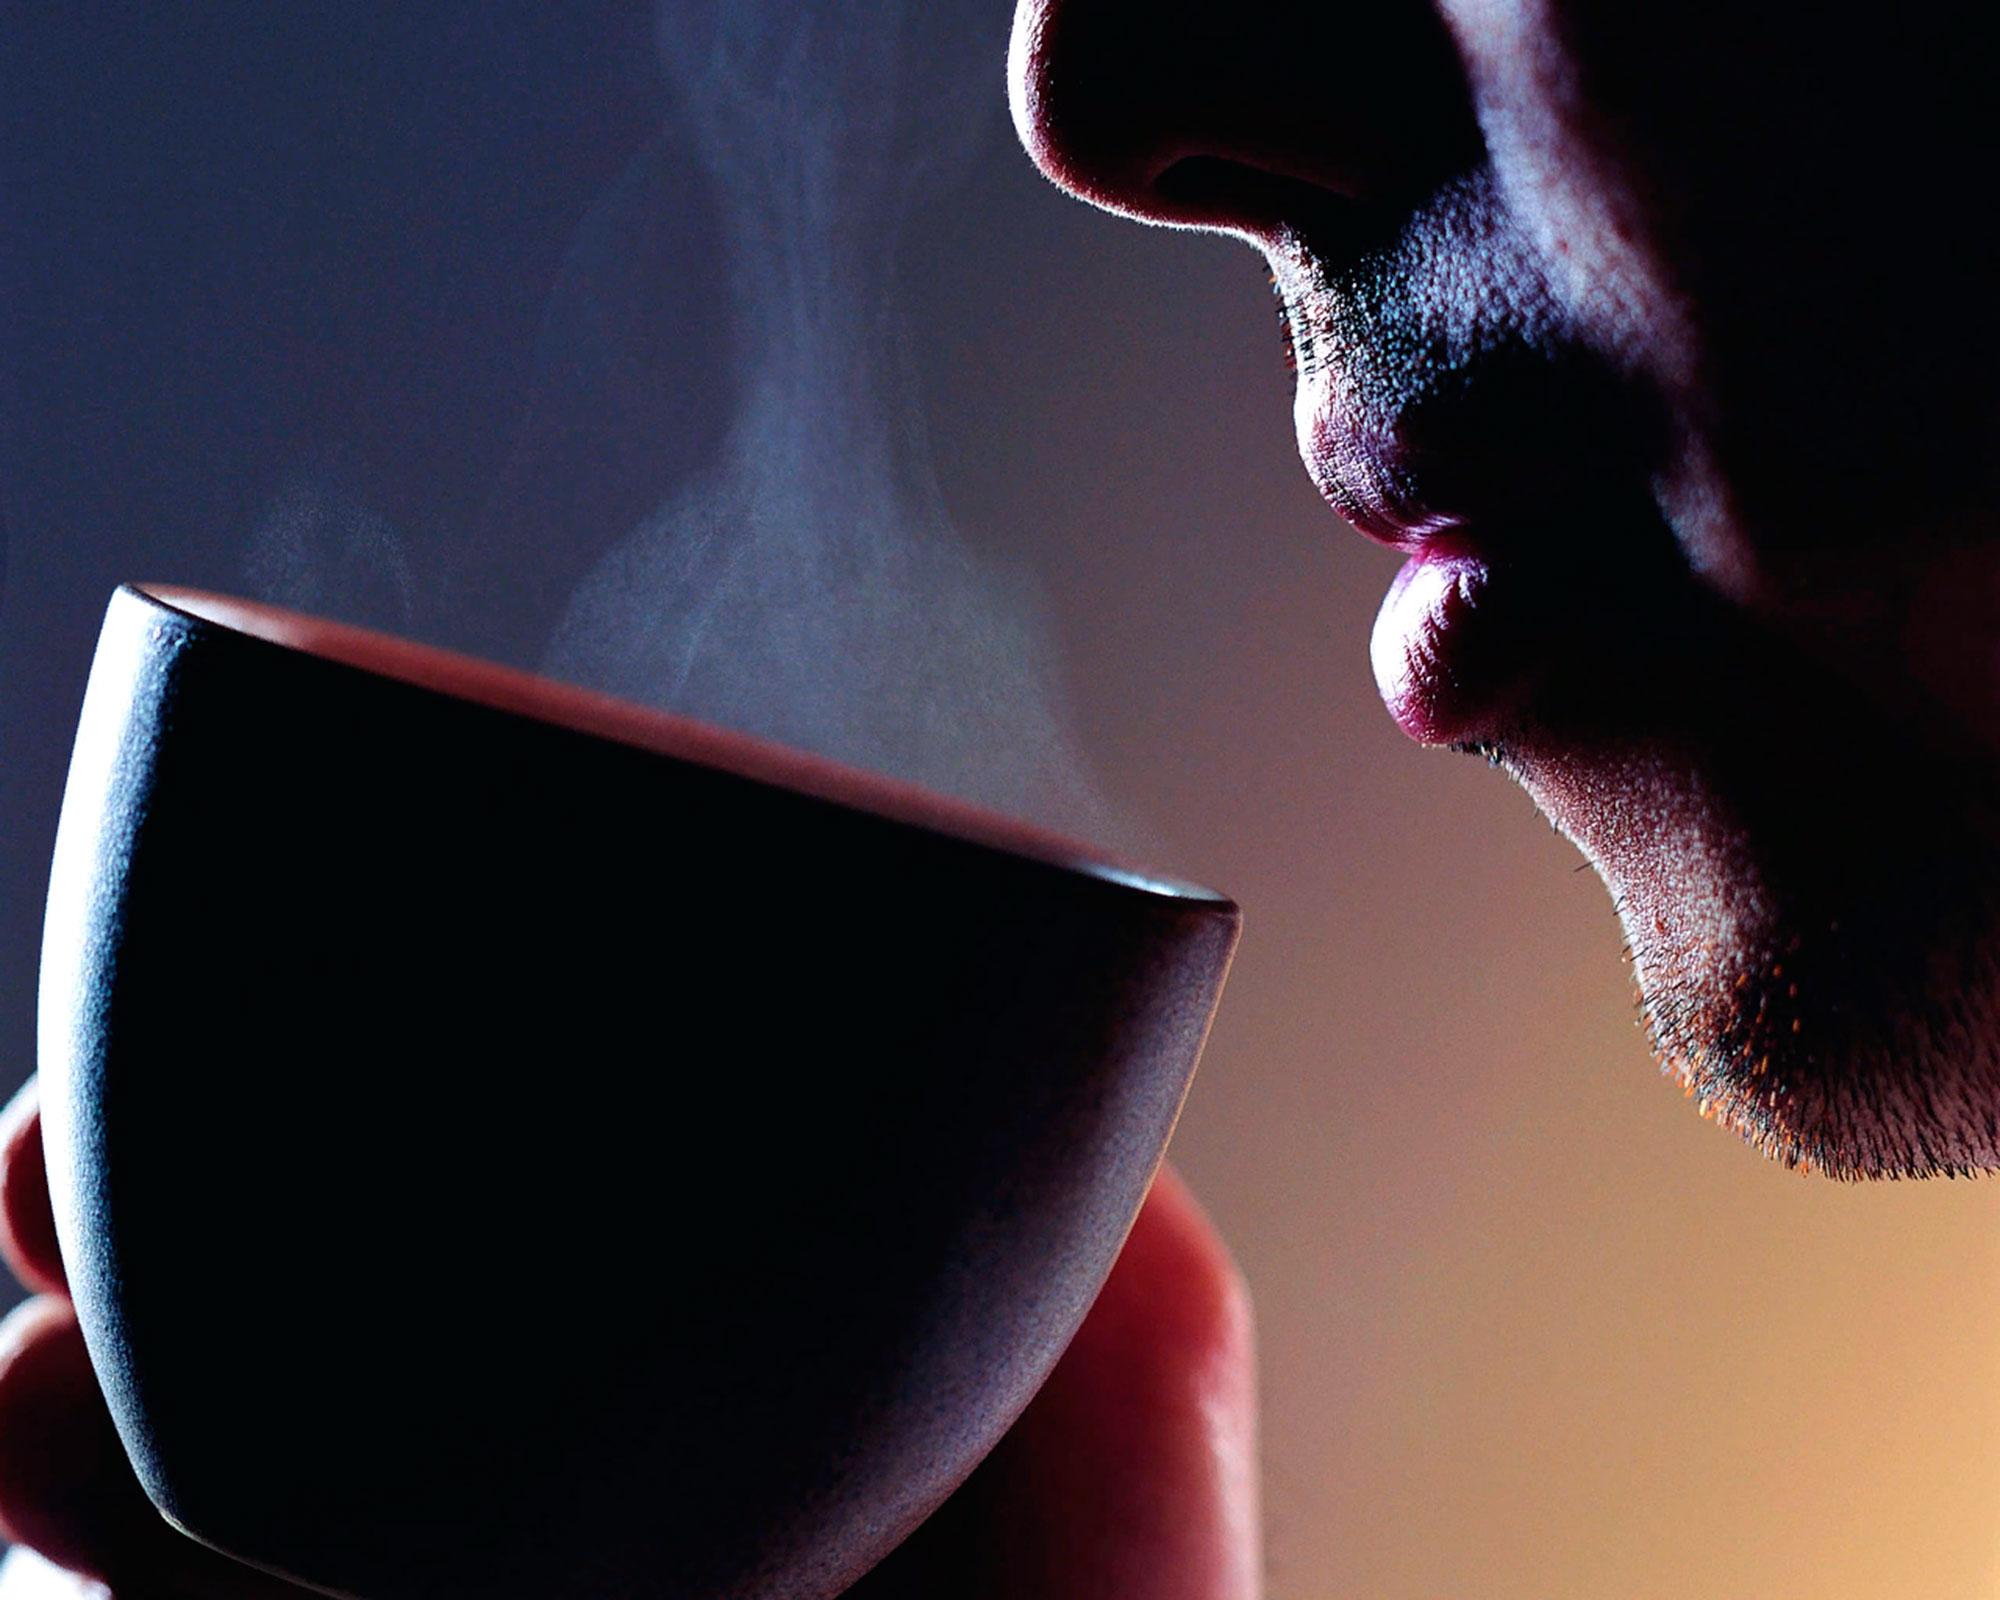 Дуем ли мы на горячую еду и питьё?